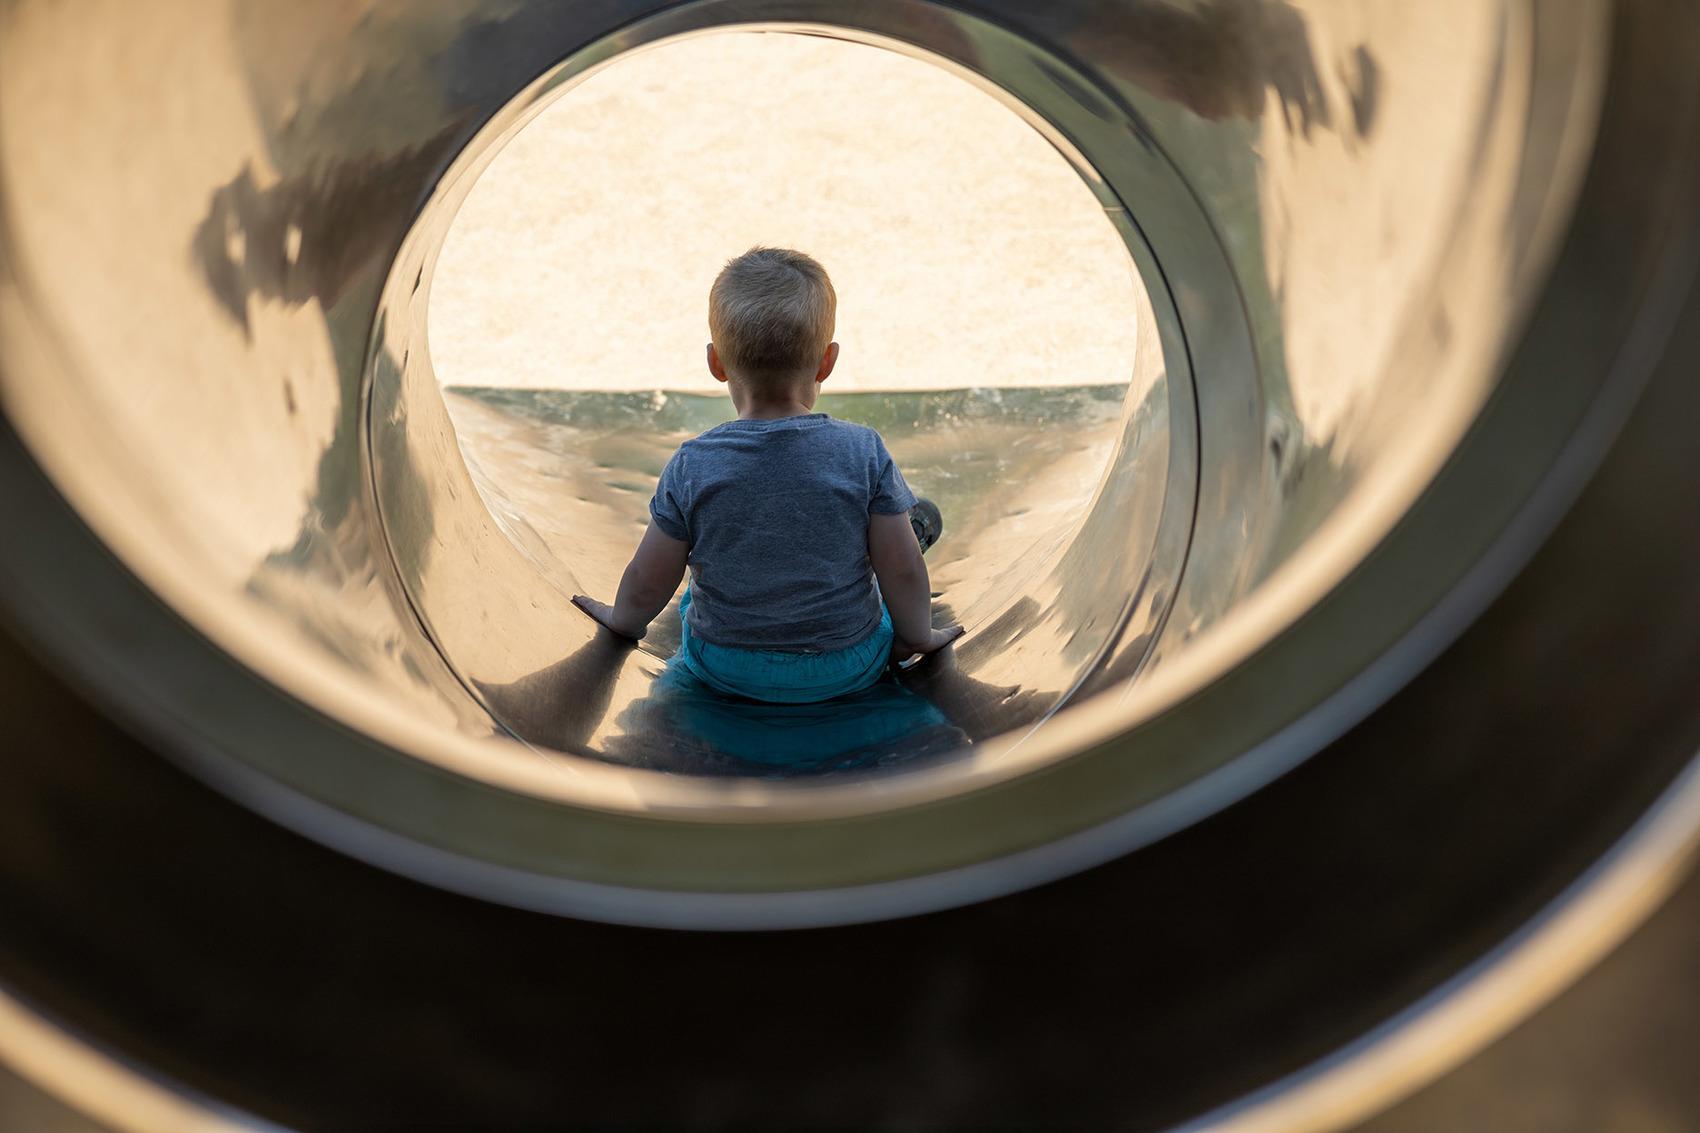 Ryggtavlan på en liten sittande pojke inuti en rutschkana